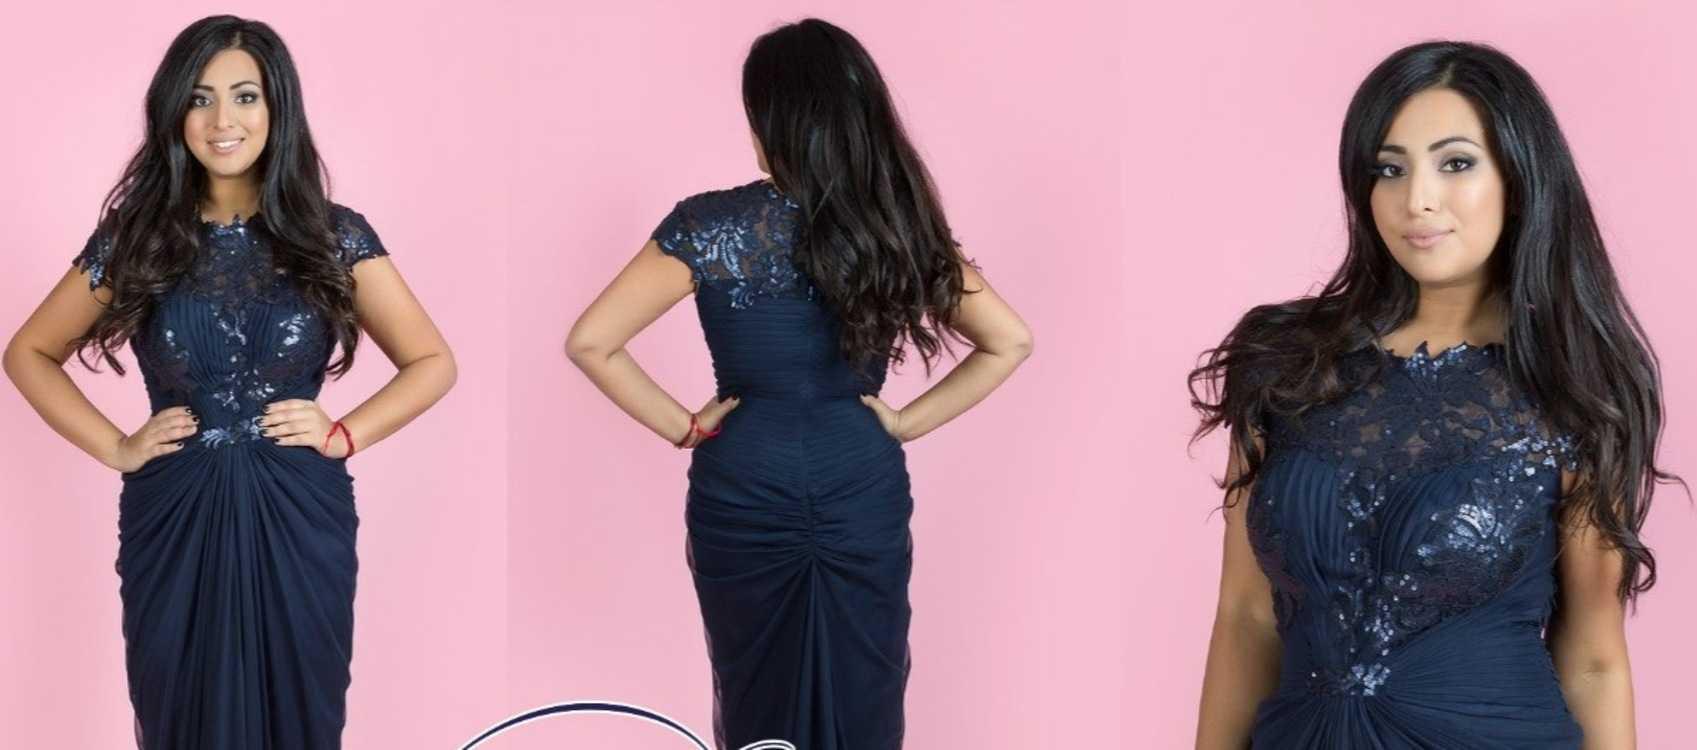 Взять в прокат Женская одежда Платья Tadashi; Москва , улица Рождественка, 25 ул.; Описание: Tadashi размеры L, XL, XXL